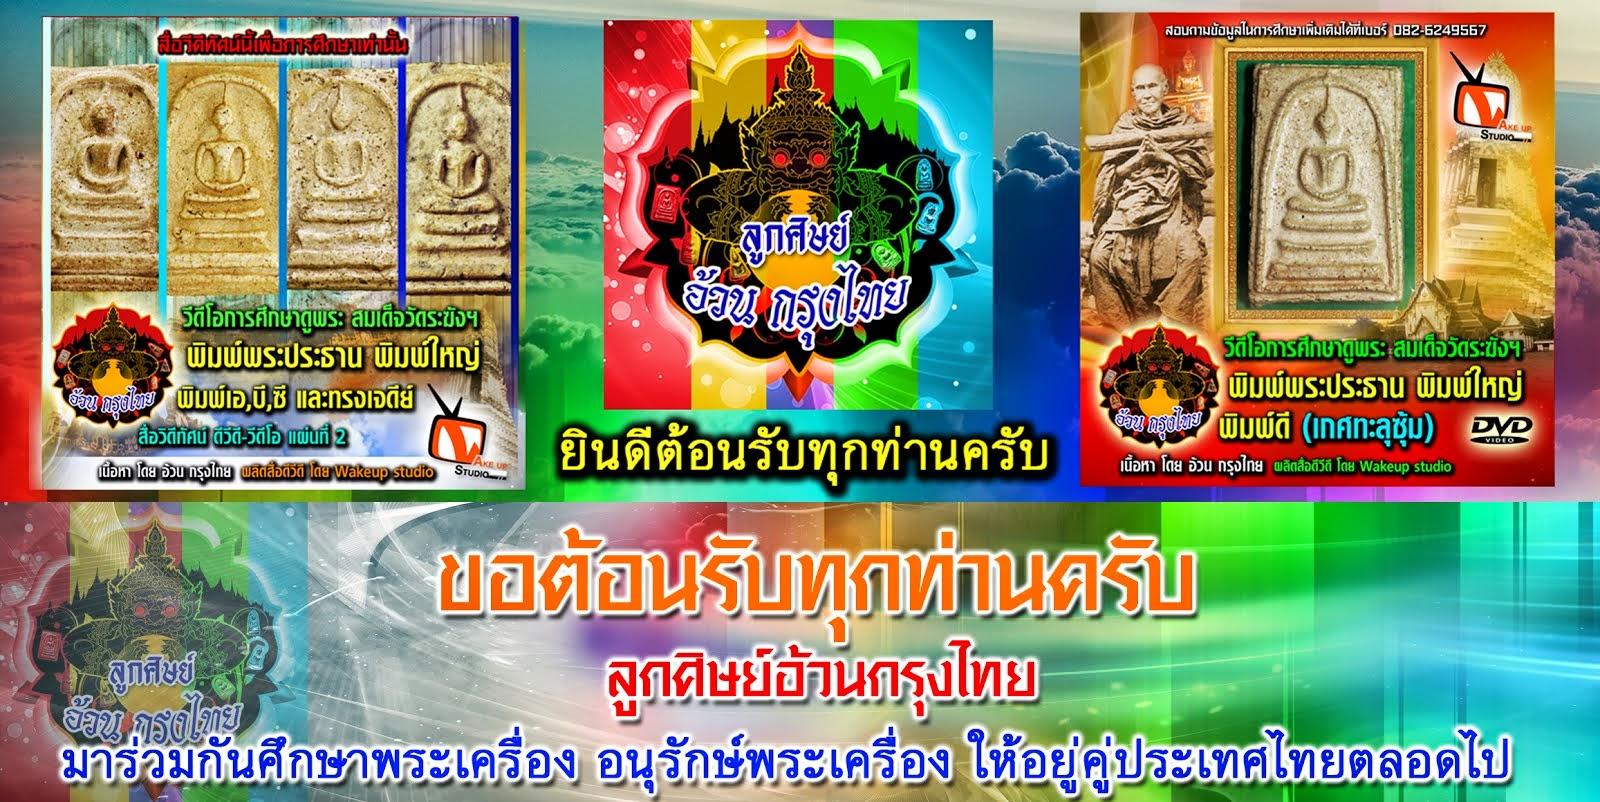 ขอต้อนรับทุกท่านเข้าสู่ การศึกษาพระเครื่องร่วมกันกับอ้วนกรุงไทย